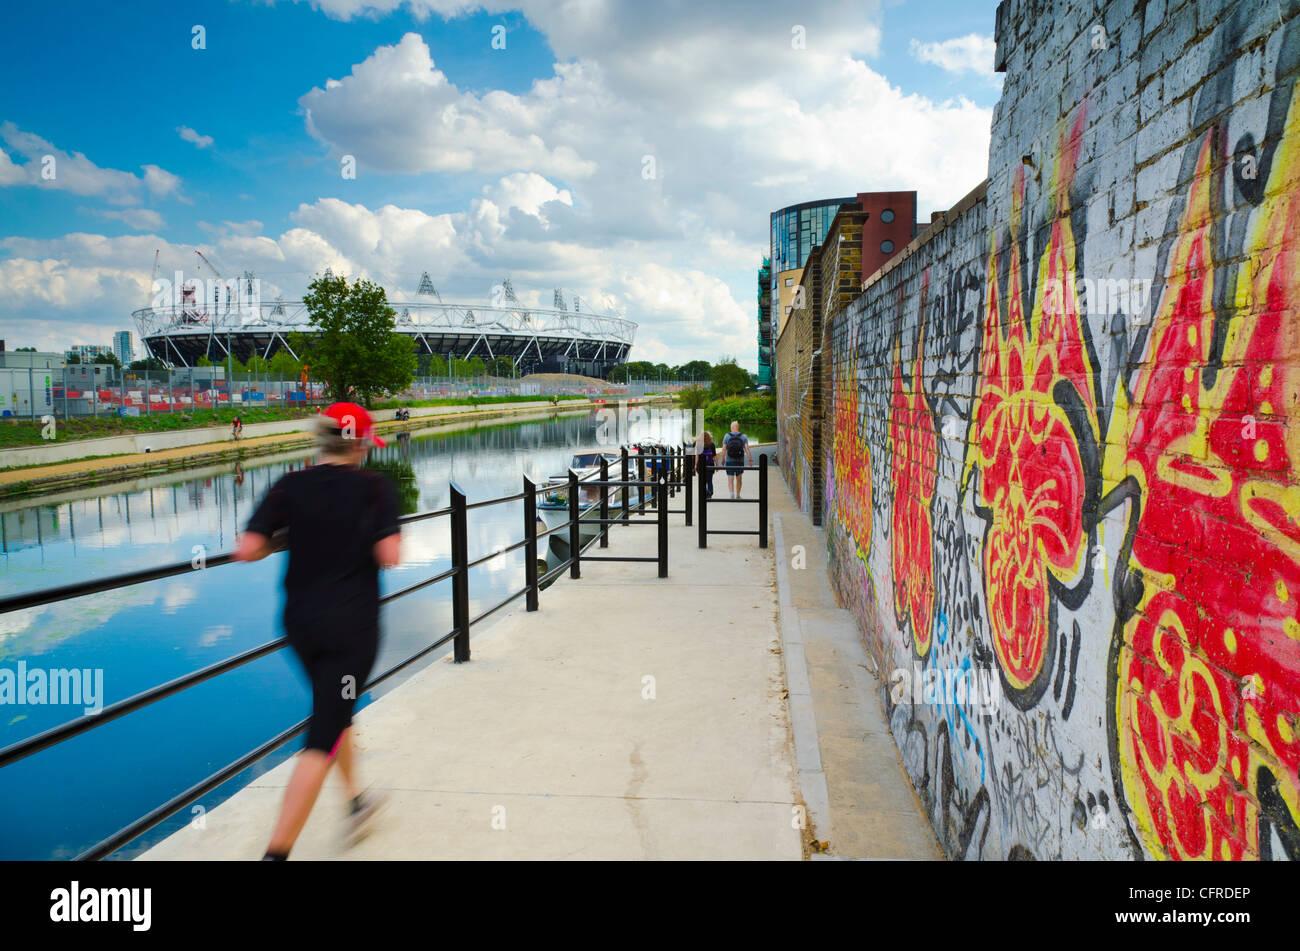 La navigation de la rivière Lee et Londres 2012 Stade Olympique, Hackney Wick, Londres, Angleterre, Royaume Photo Stock